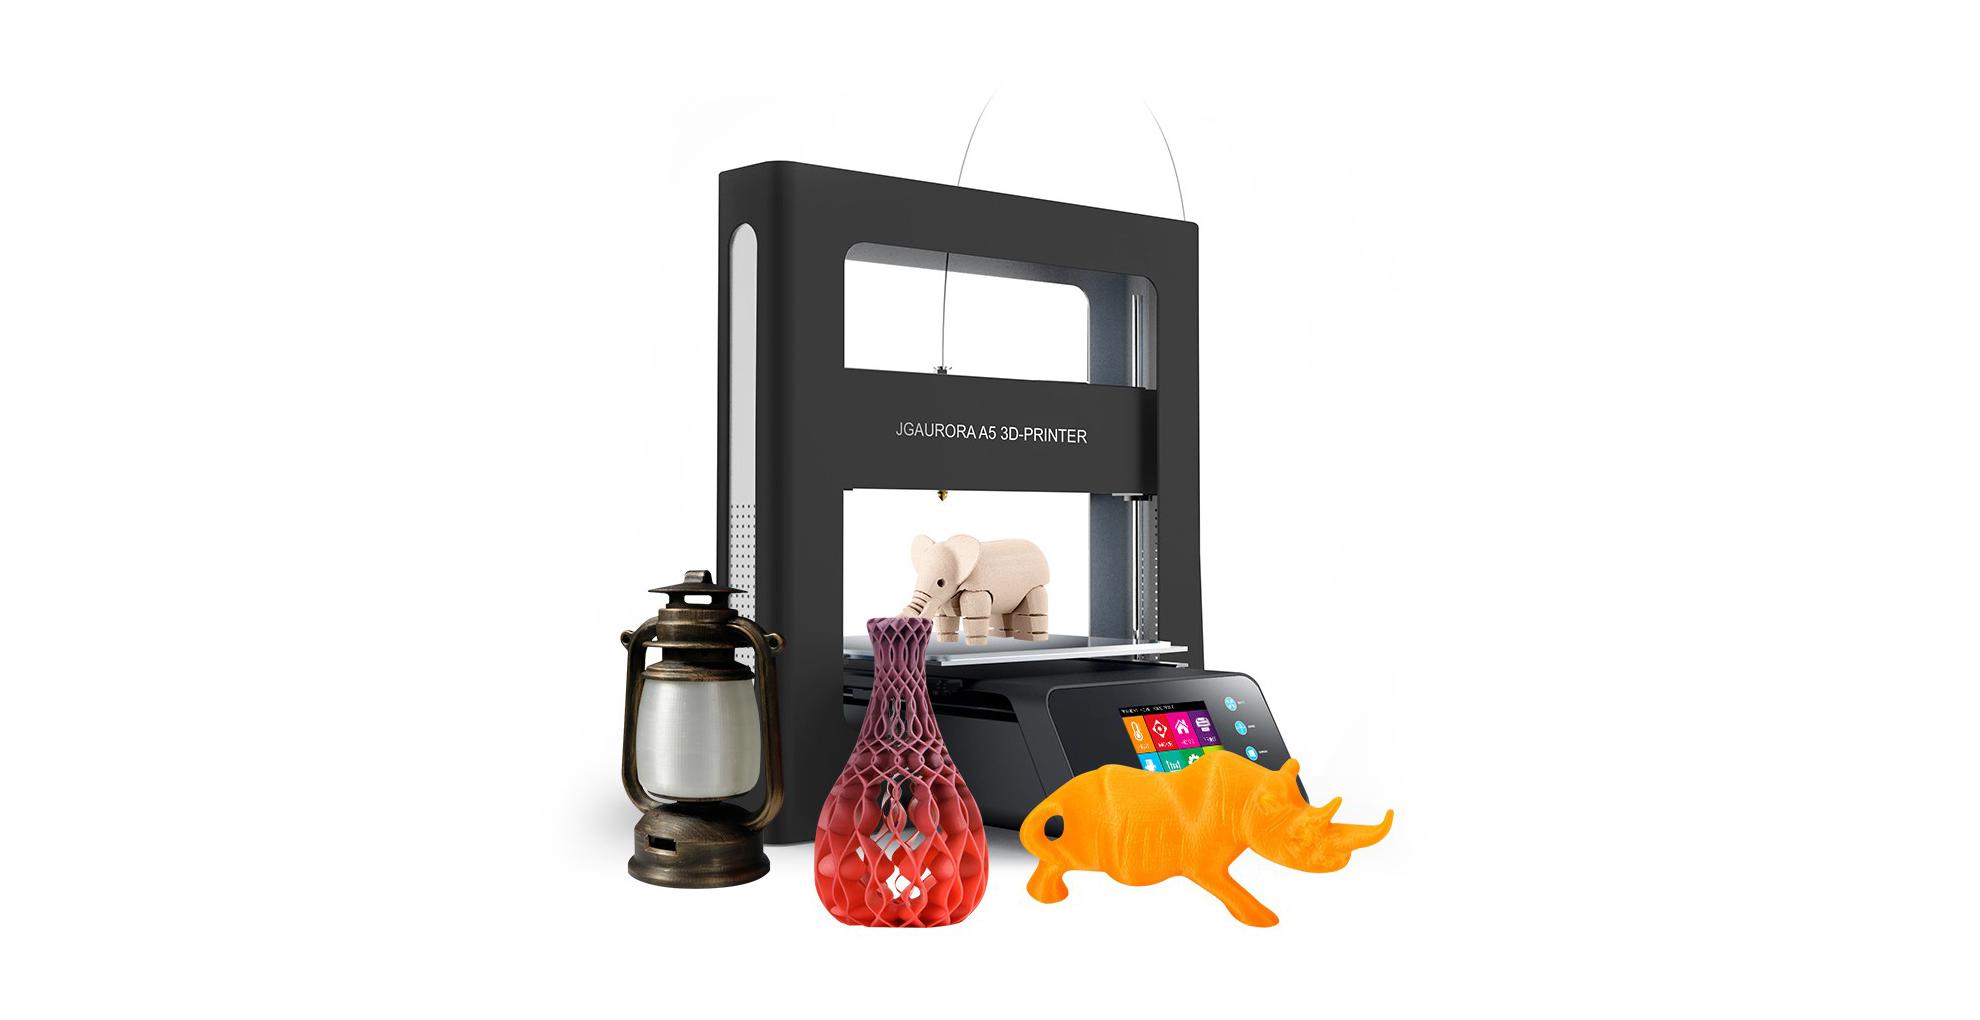 Skvělá 3D tiskárna za exkluzivně nízkou cenu! [sponzorovaný článek]